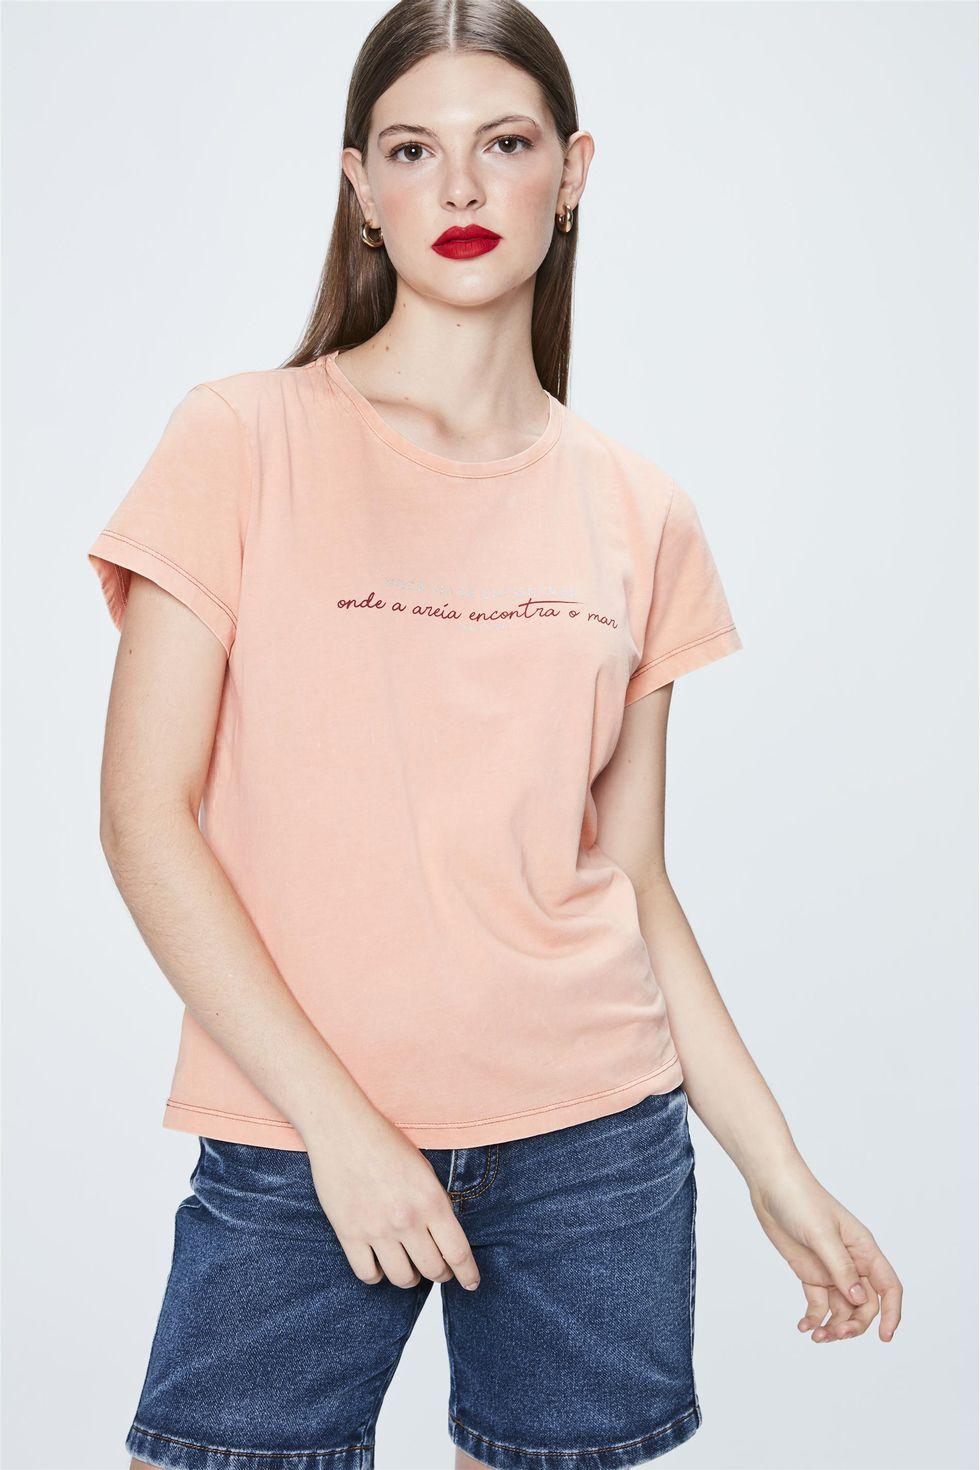 Camiseta-Estampa-Voce-Vai-se-Encontrar-Frente--